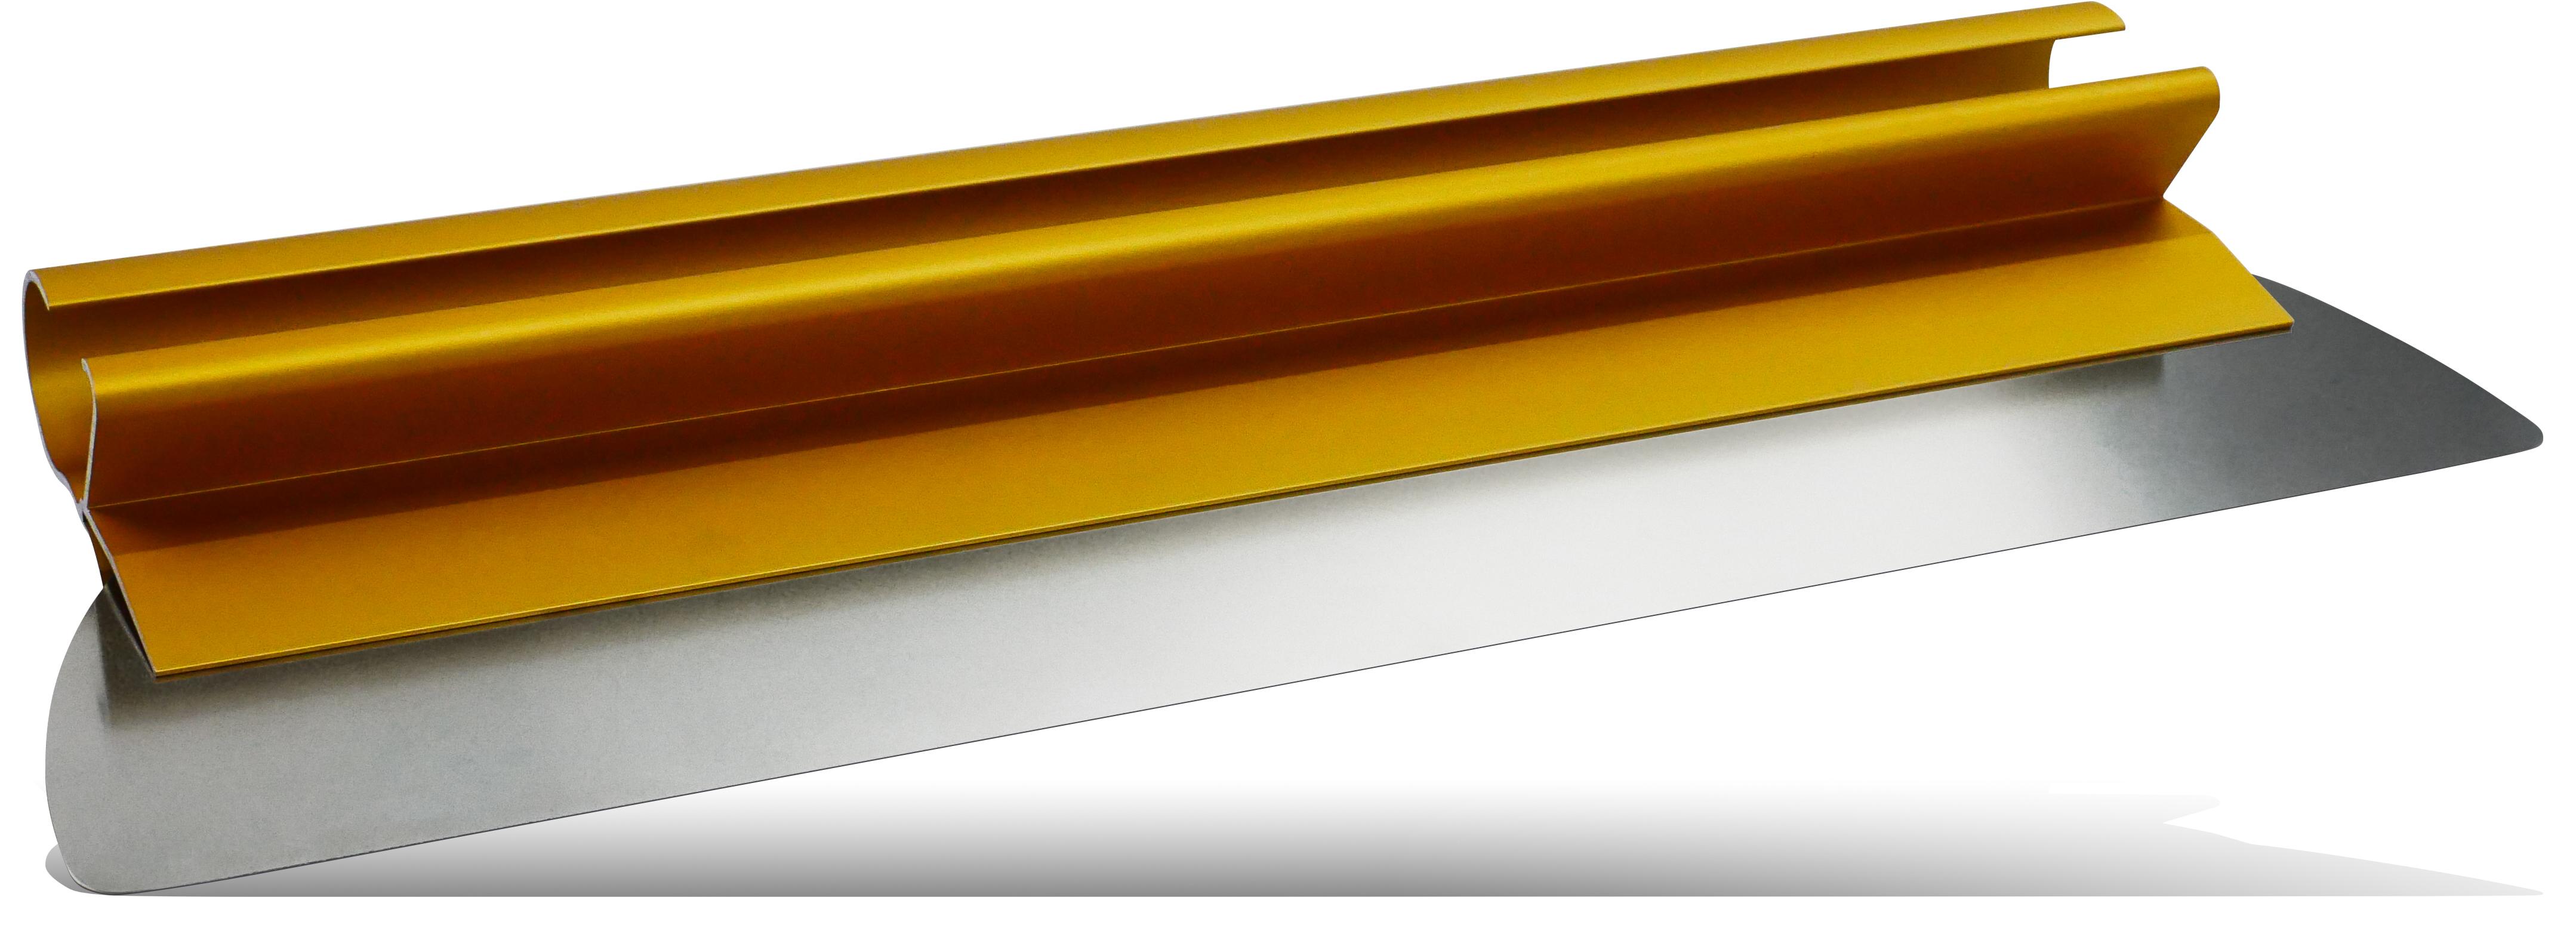 Špahtla za gletanje PAJAQUICK GOLD 30% lakša, 800x90x0,3, PAJARITO